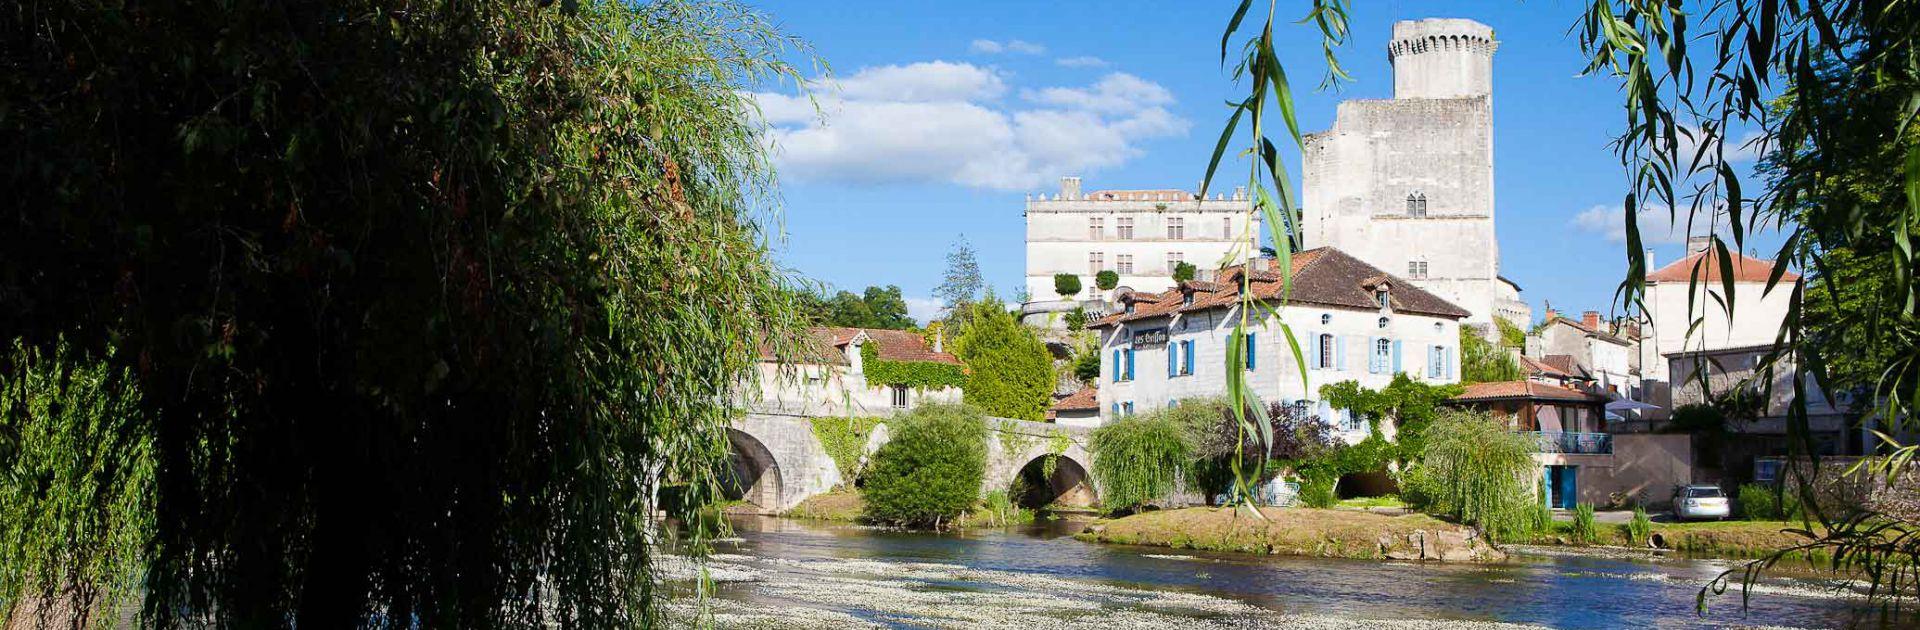 Bourdeilles Castle Dordogne